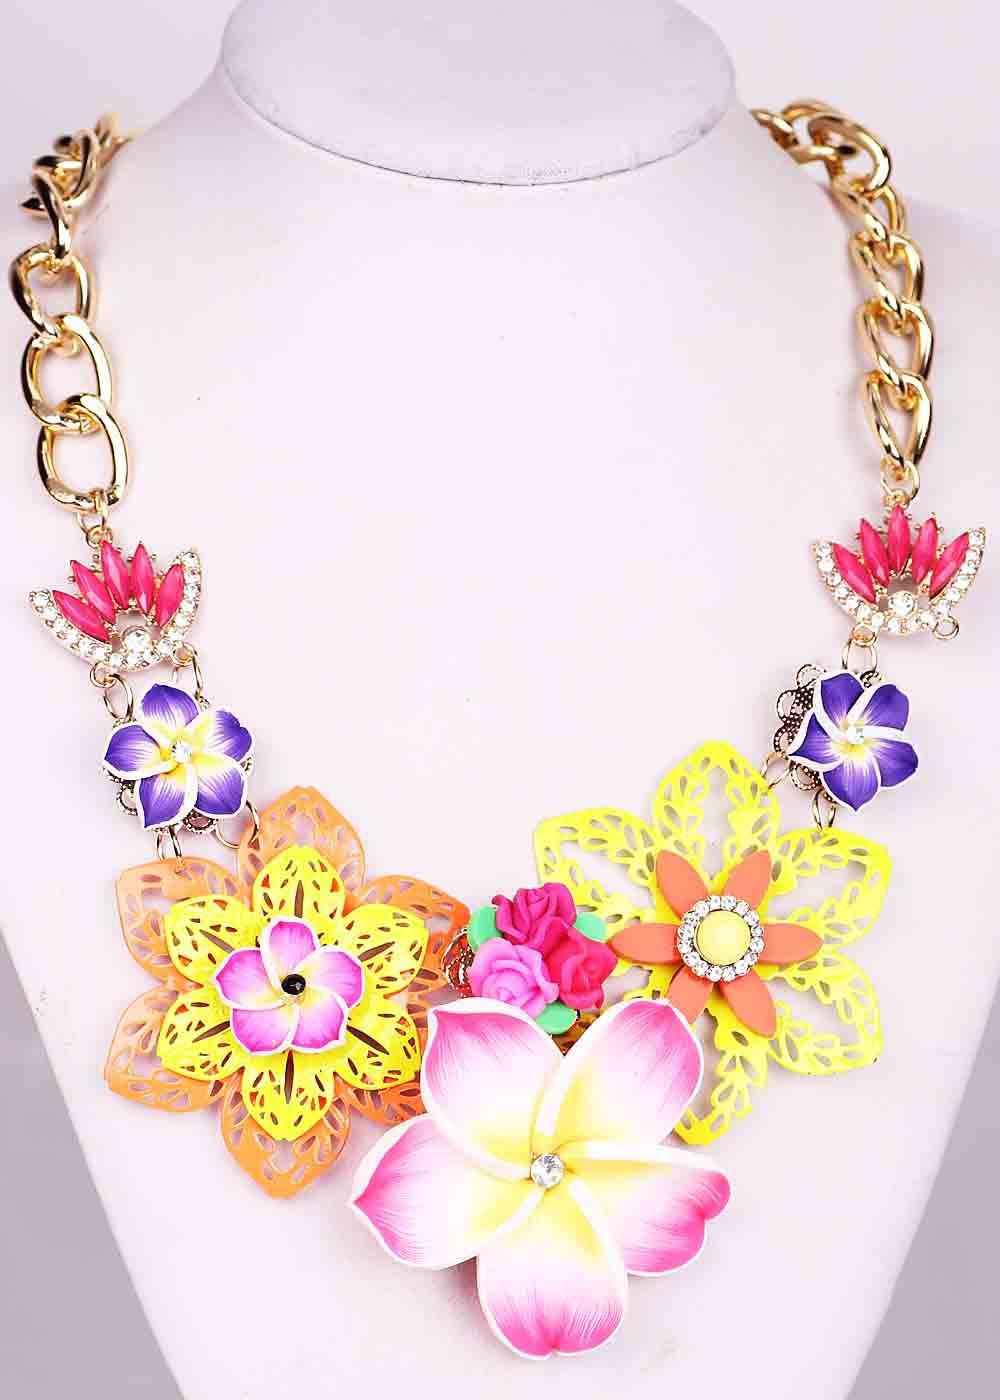 Fashion Handmade Woman Flower Rhinestone Bohemia StyleBib Statement Women Choker Brand Necklaces Pendants - YaYi Jewelry store